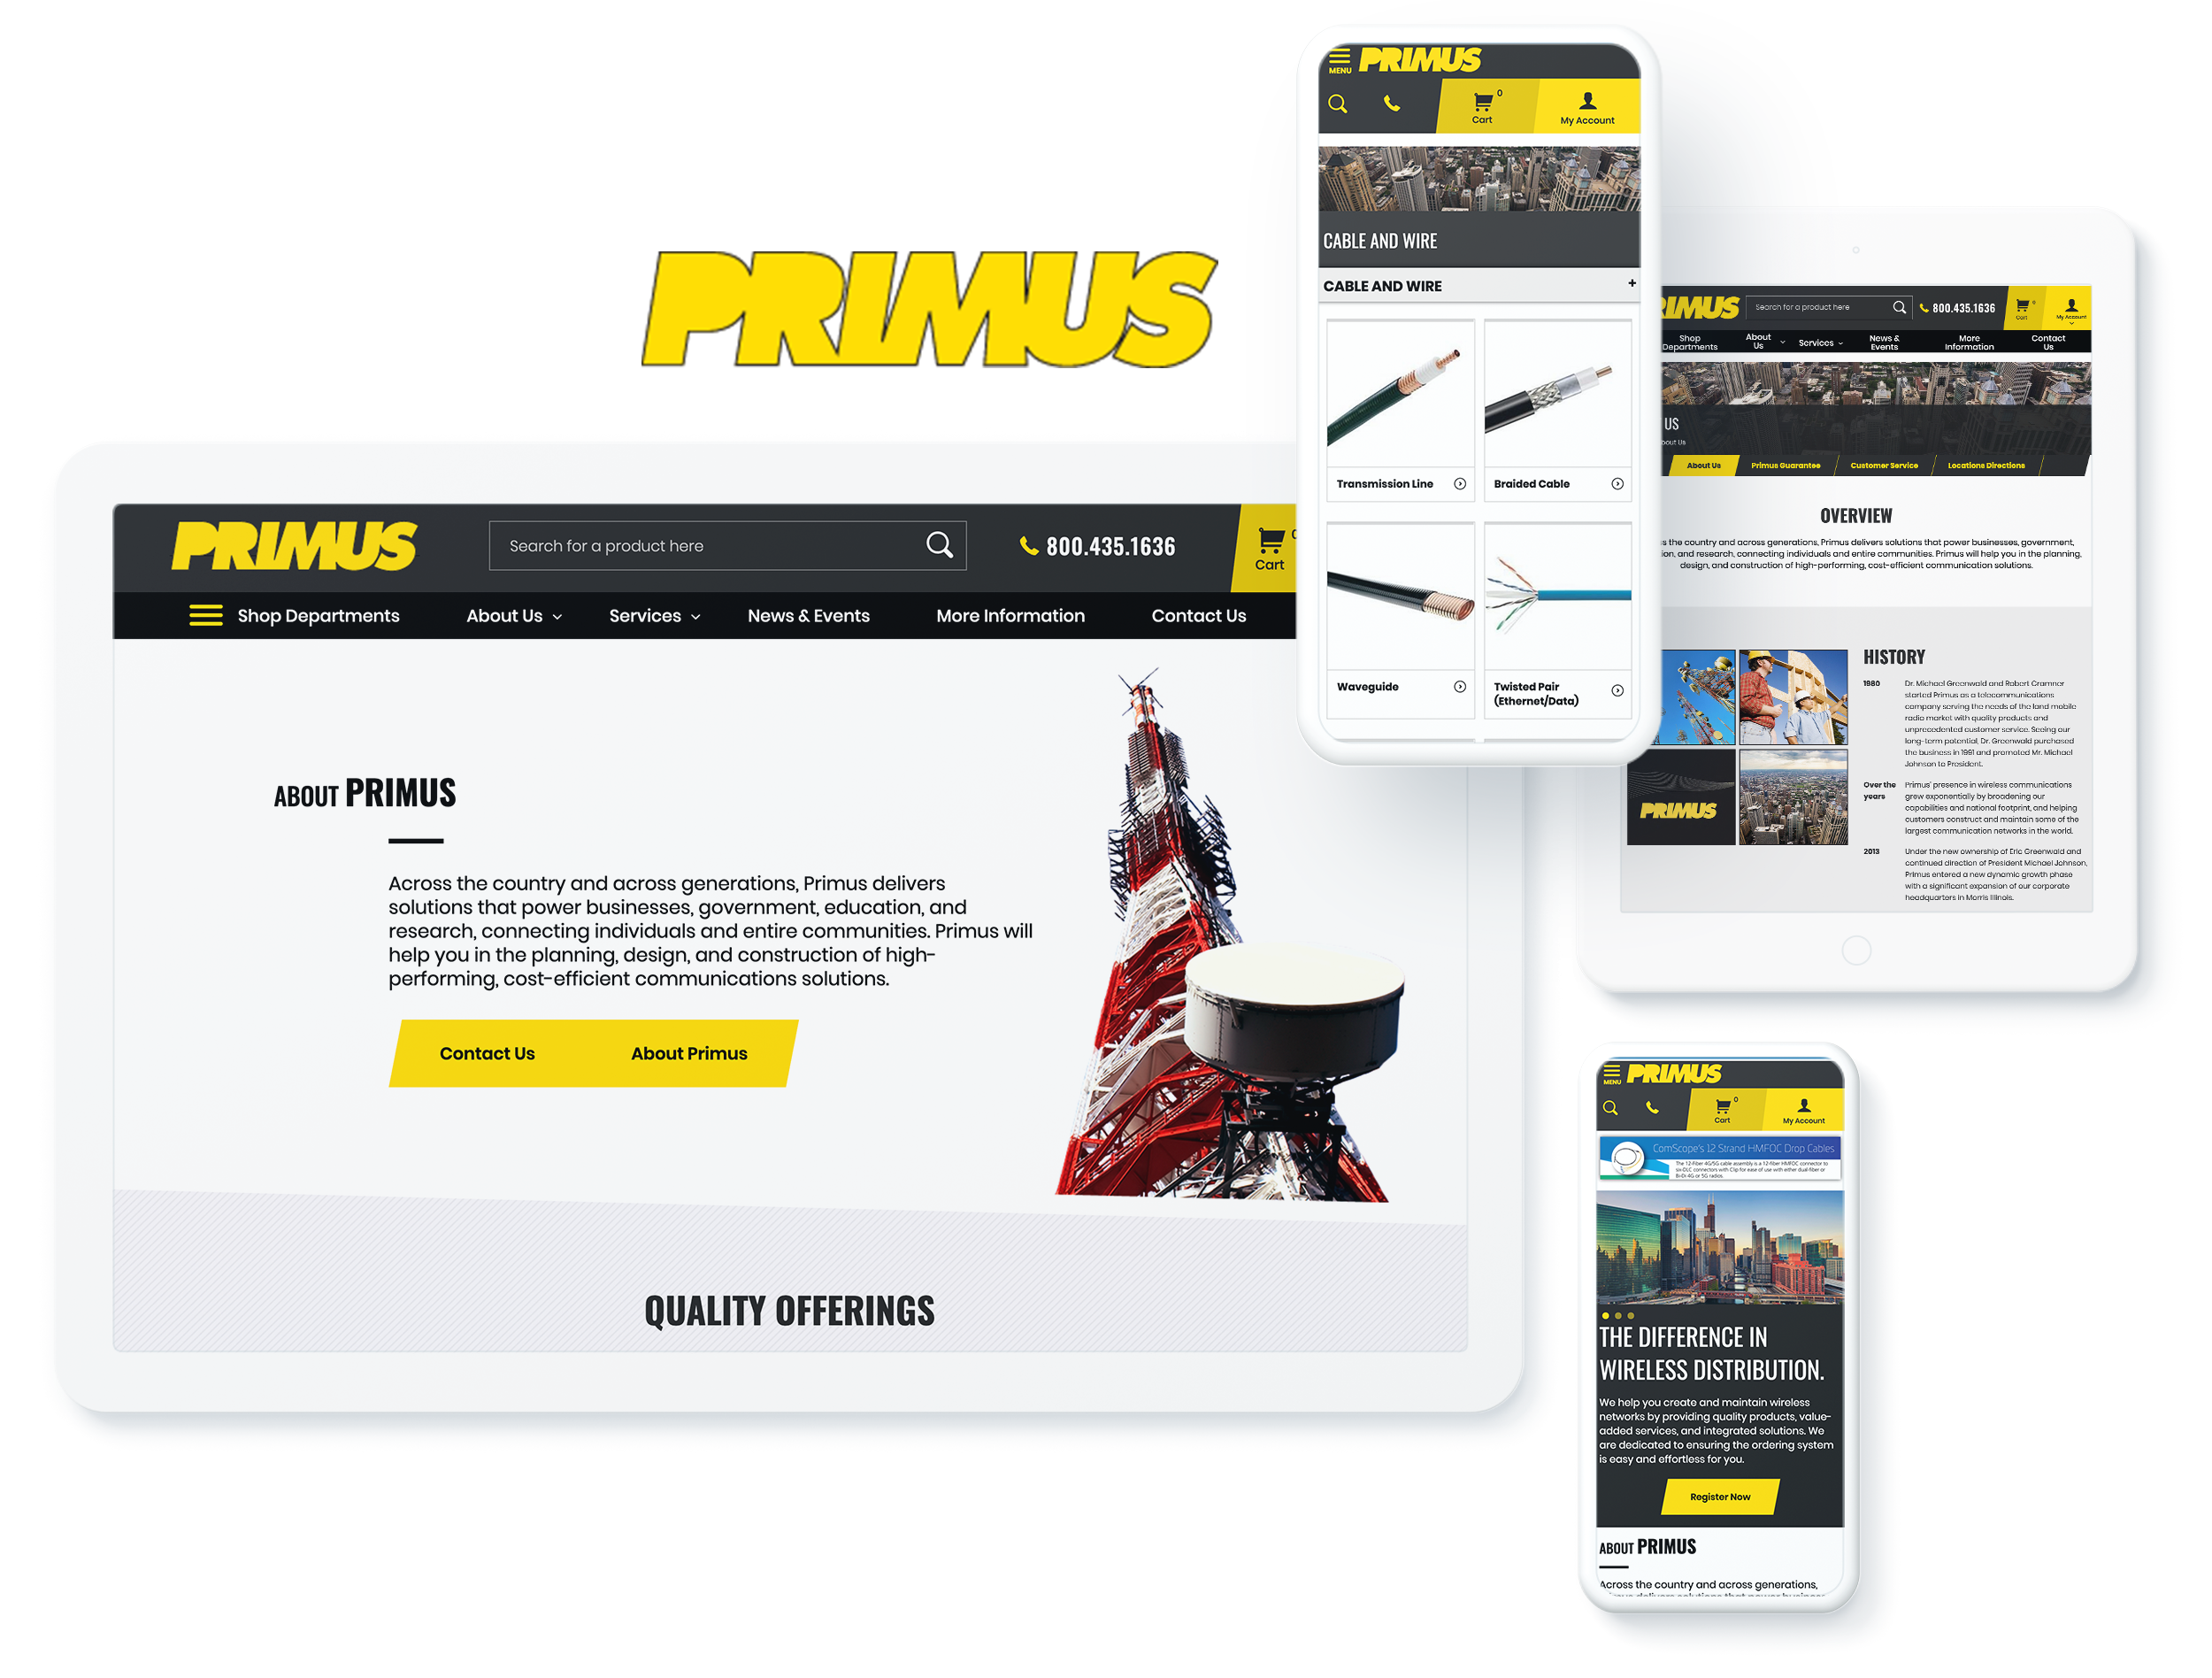 PRIMUS SCREENS